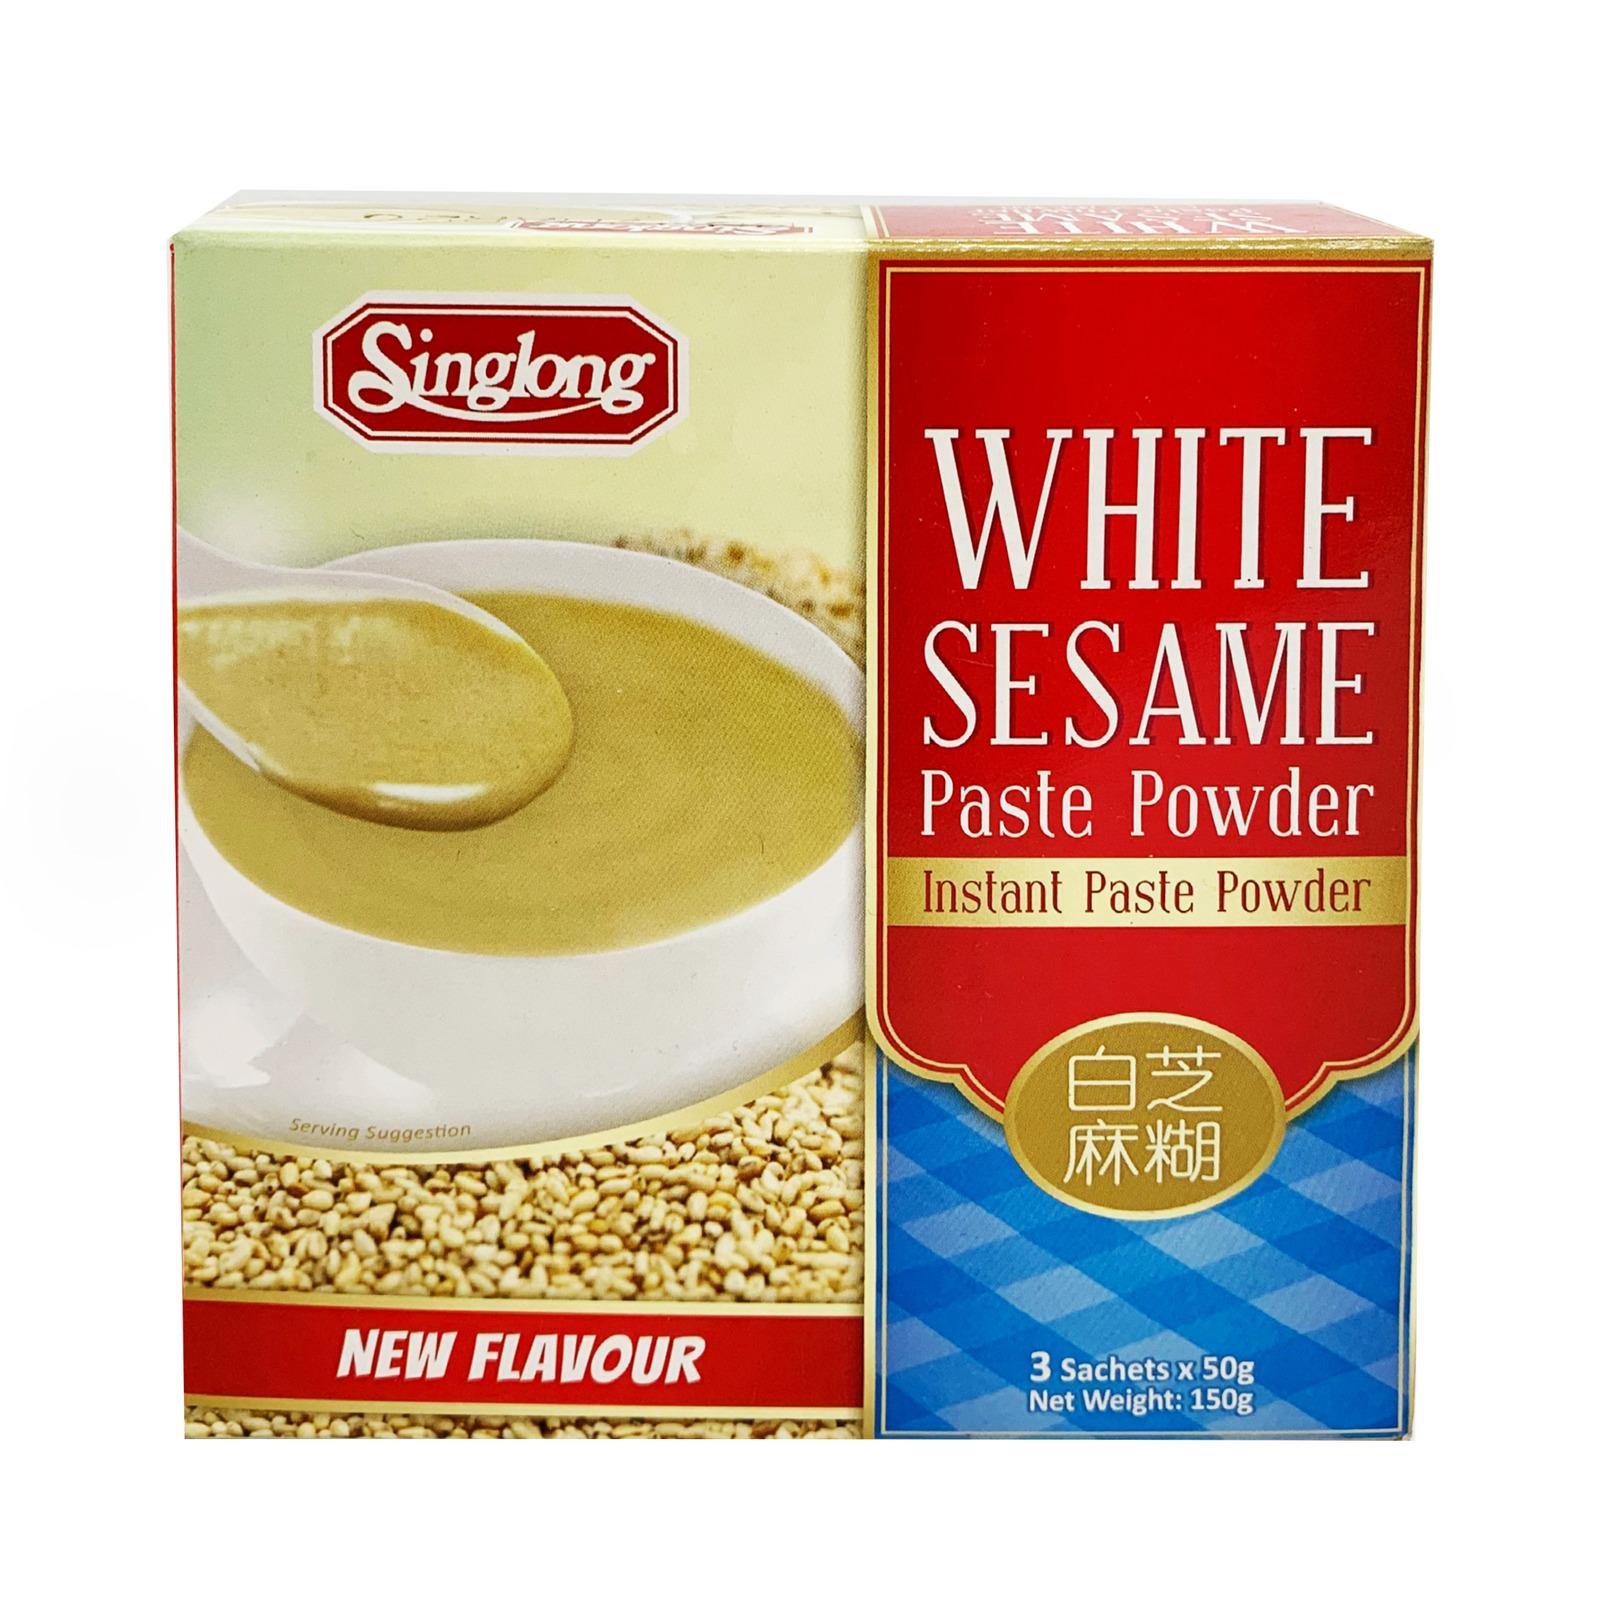 Sing Long White Sesame Paste Powder